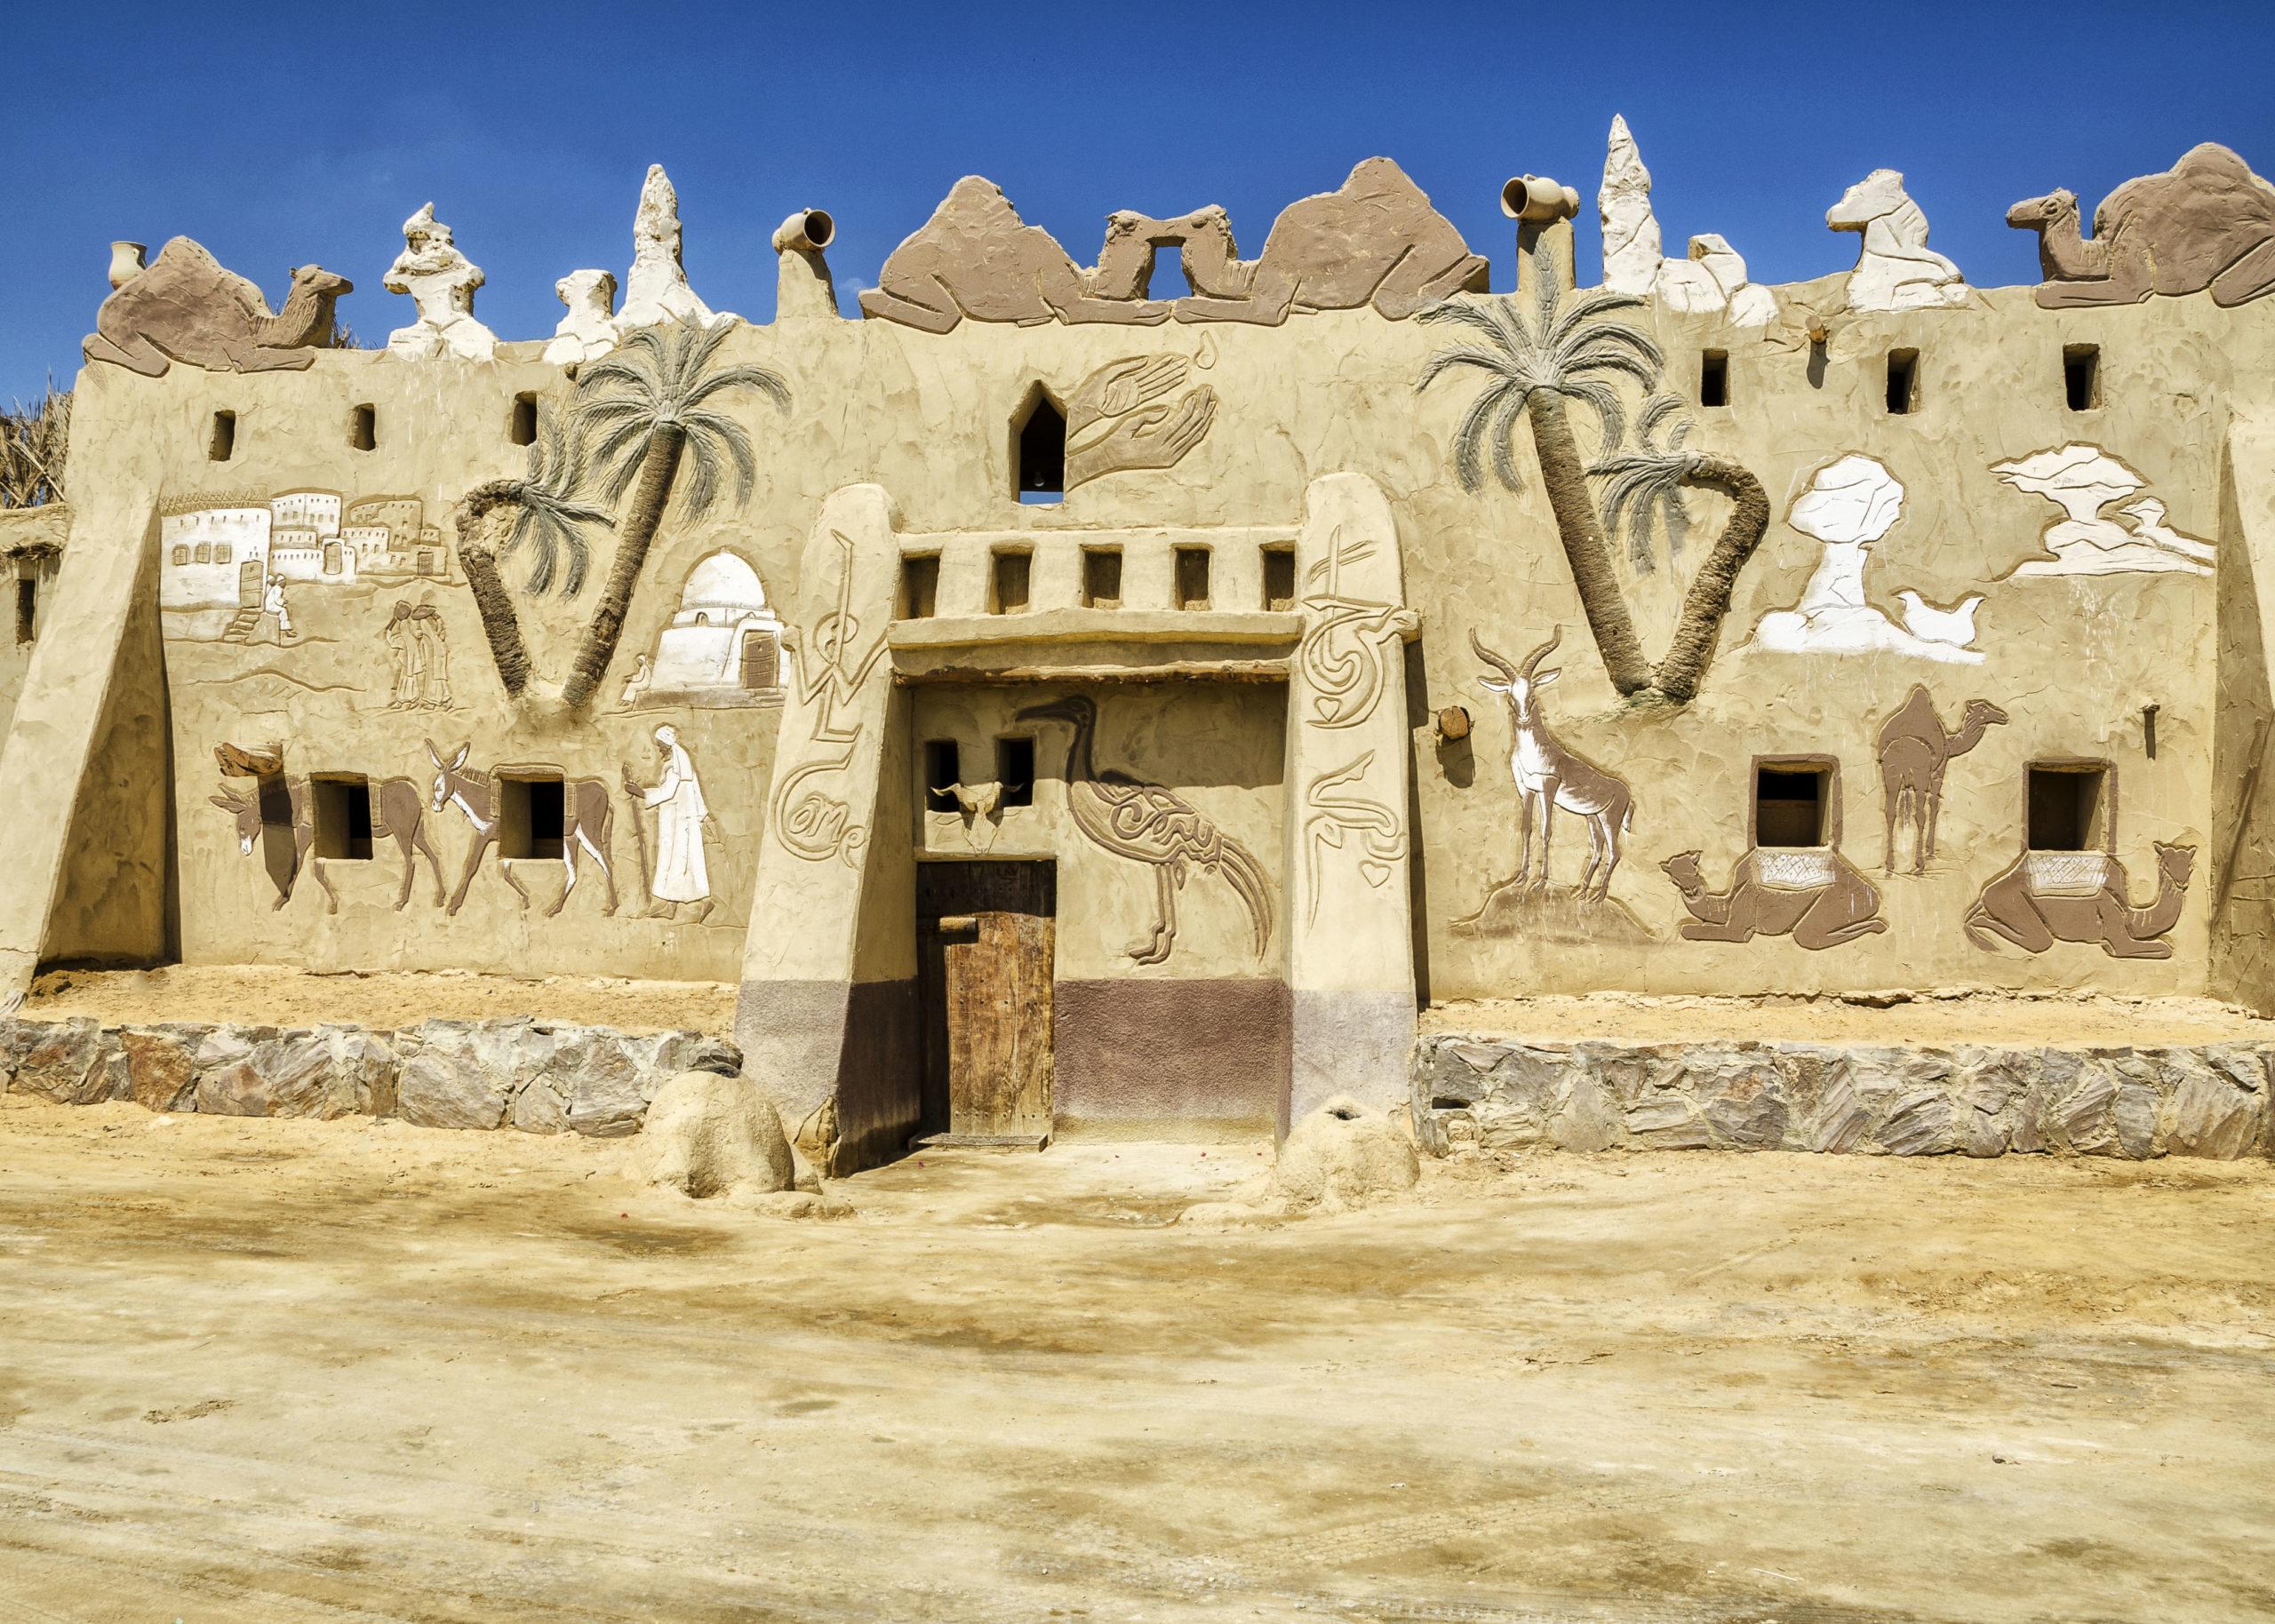 Farafra Oasis egypt